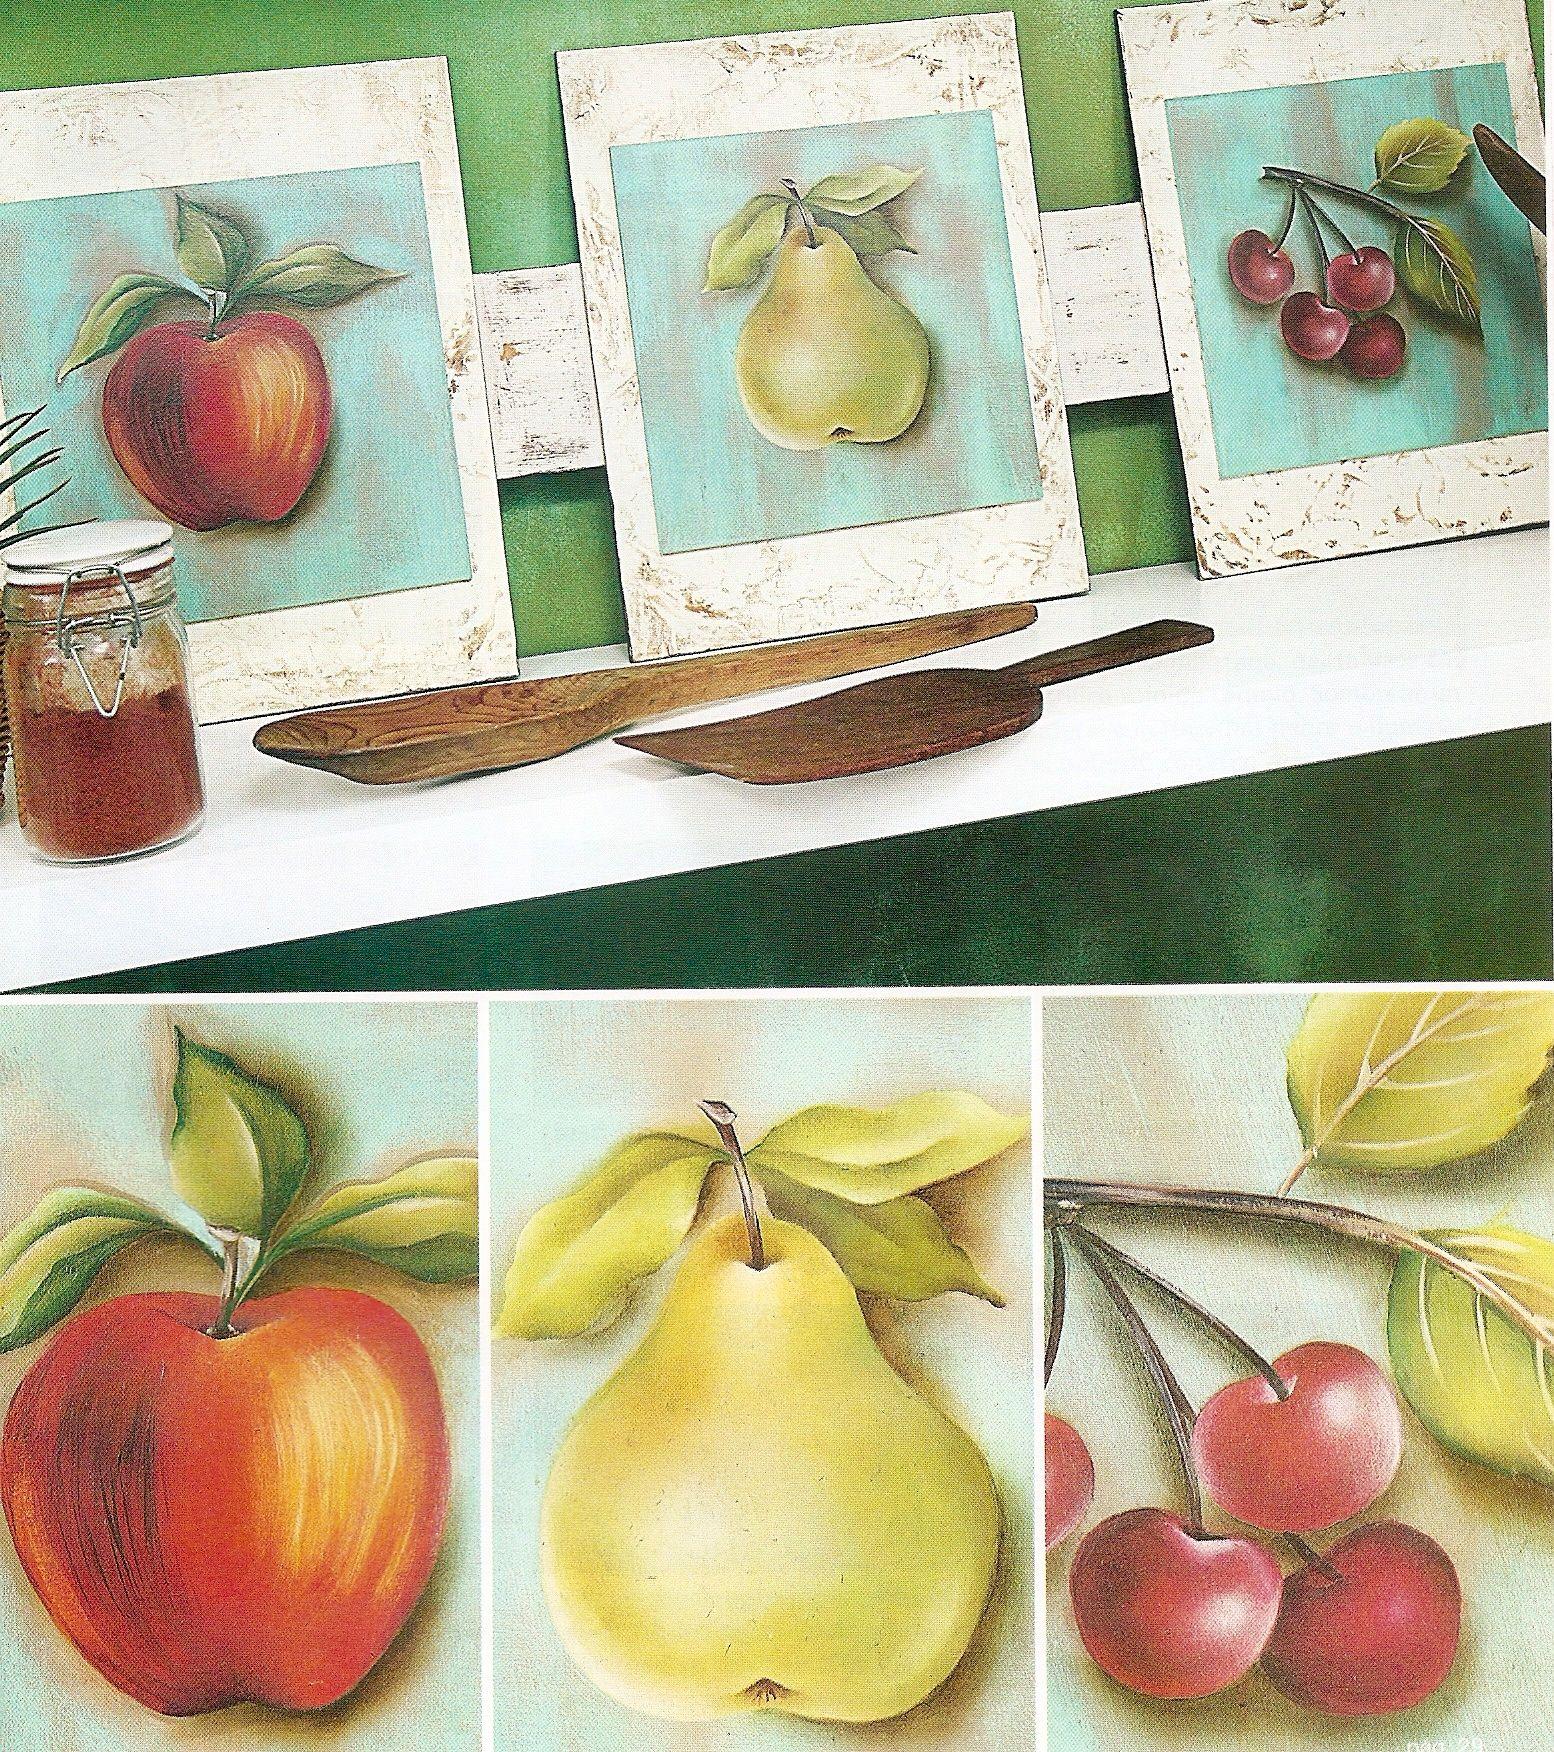 Cuadros de frutas para decorar nuestra cocina pintura for Cuadros cocina decoracion